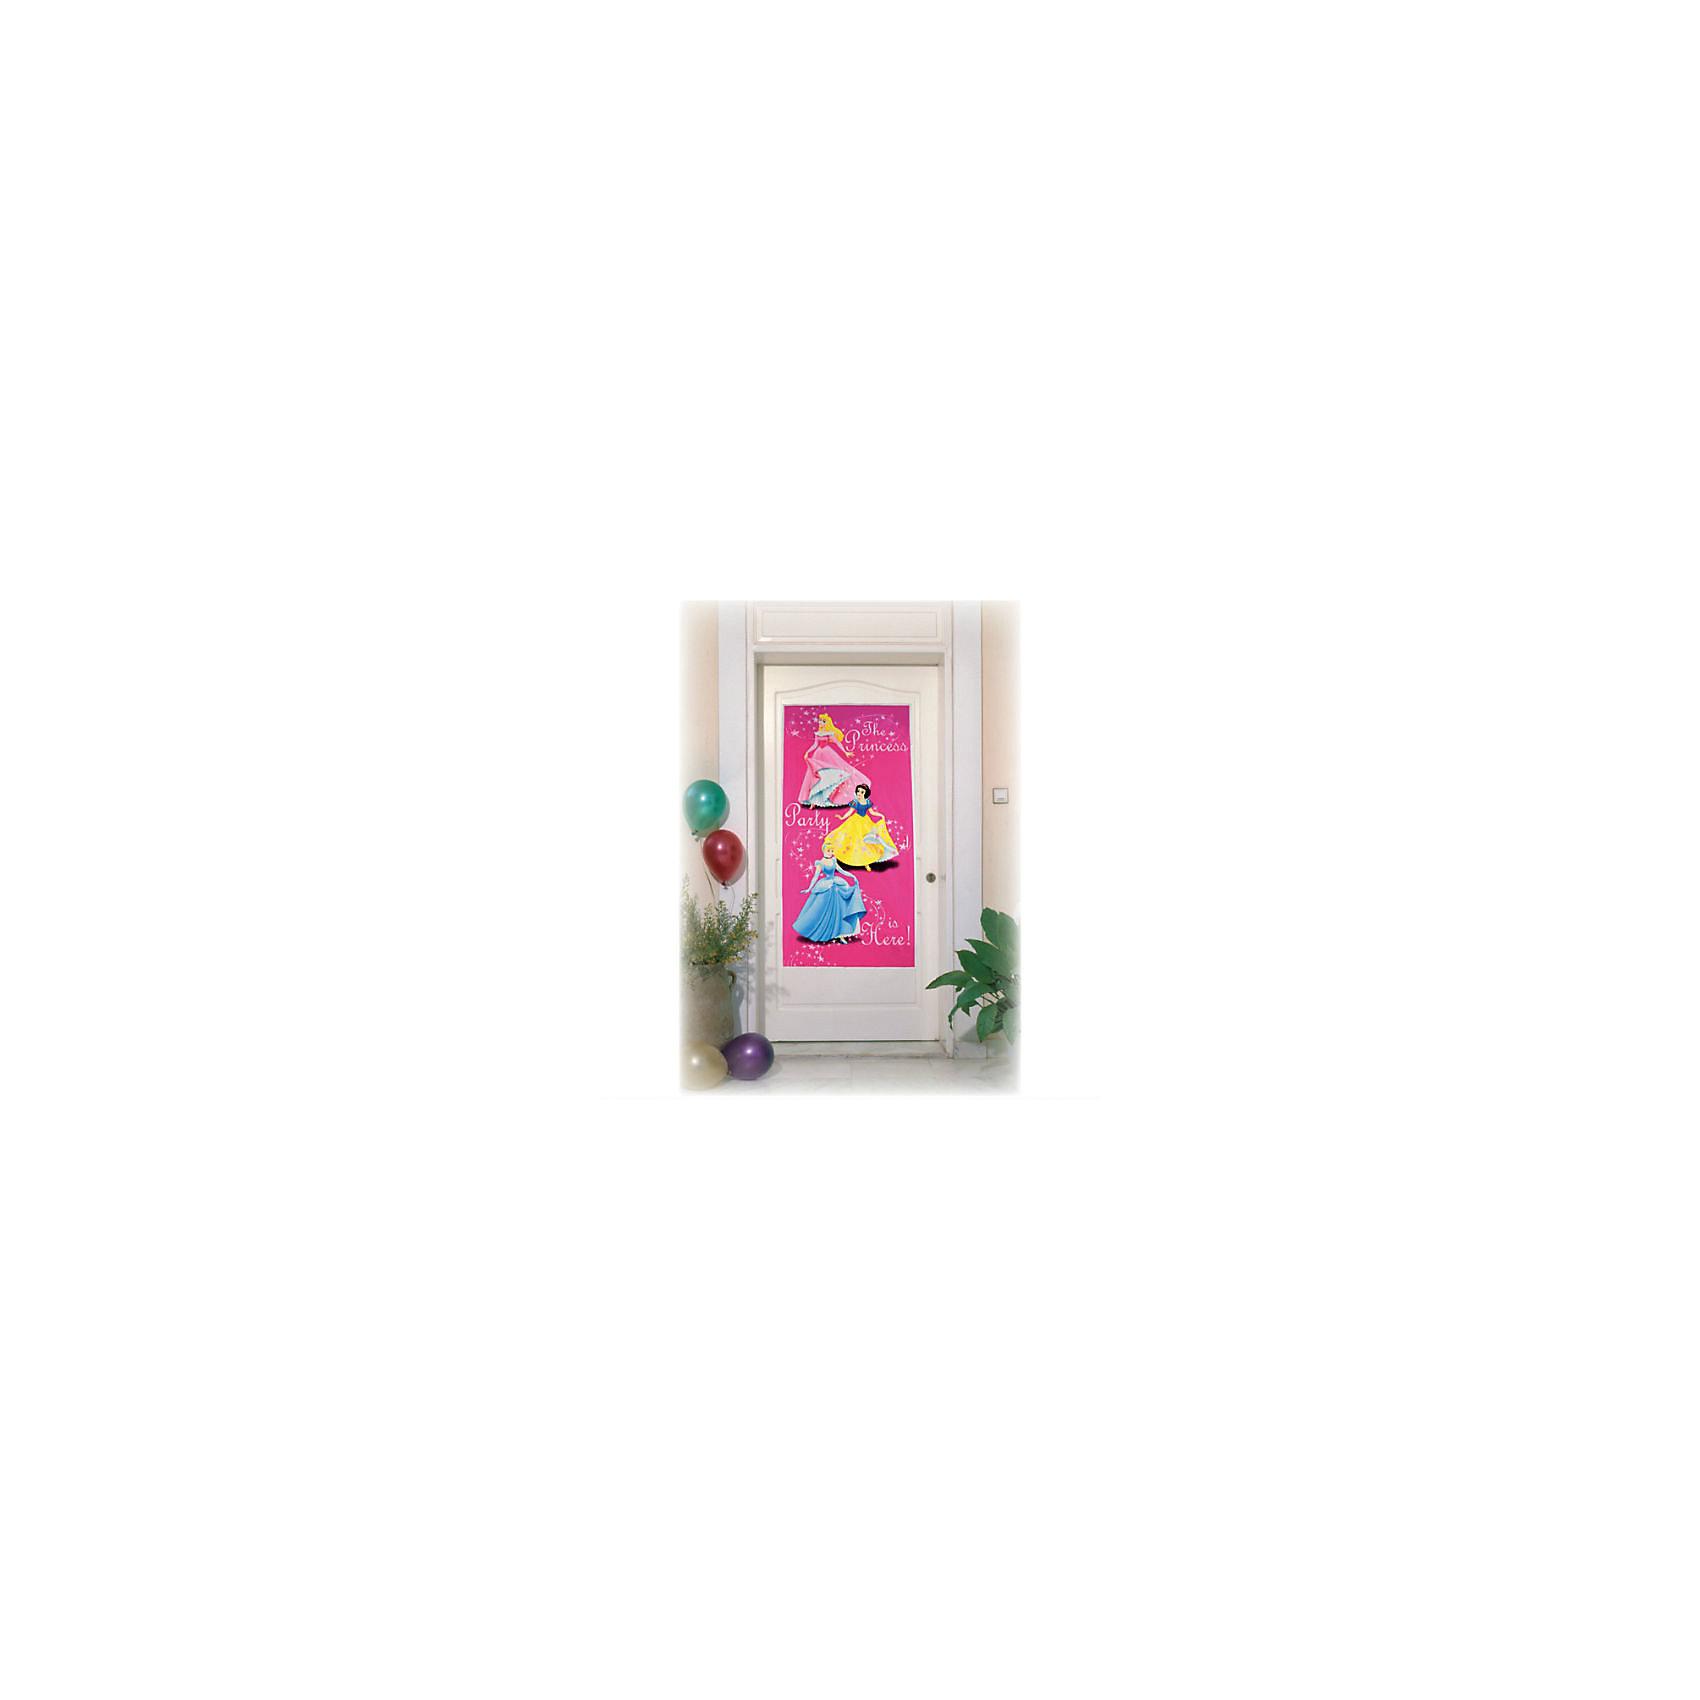 Баннер на дверь ПринцессыБаннер на дверь Принцессы станет чудесным украшением комнаты маленькой принцессы во время праздника и создаст настроение сказки и волшебства. Баннер приятного розового цвета украшен изображениями сказочных принцесс из популярных диснеевских мультфильмов и надписью The princess party is here (Вечеринка для принцесс здесь).<br><br>Дополнительная информация:<br><br>- Материал: ПВХ..<br>- Размер баннера: 76 х 152 см.<br>- Размер упаковки: 18,5 х 2 х 25 см. <br>- Вес: 40 гр.<br><br>Баннер на дверь Принцессы,  можно купить в нашем интернет-магазине.<br><br>Ширина мм: 185<br>Глубина мм: 20<br>Высота мм: 250<br>Вес г: 40<br>Возраст от месяцев: 36<br>Возраст до месяцев: 84<br>Пол: Женский<br>Возраст: Детский<br>SKU: 4008376